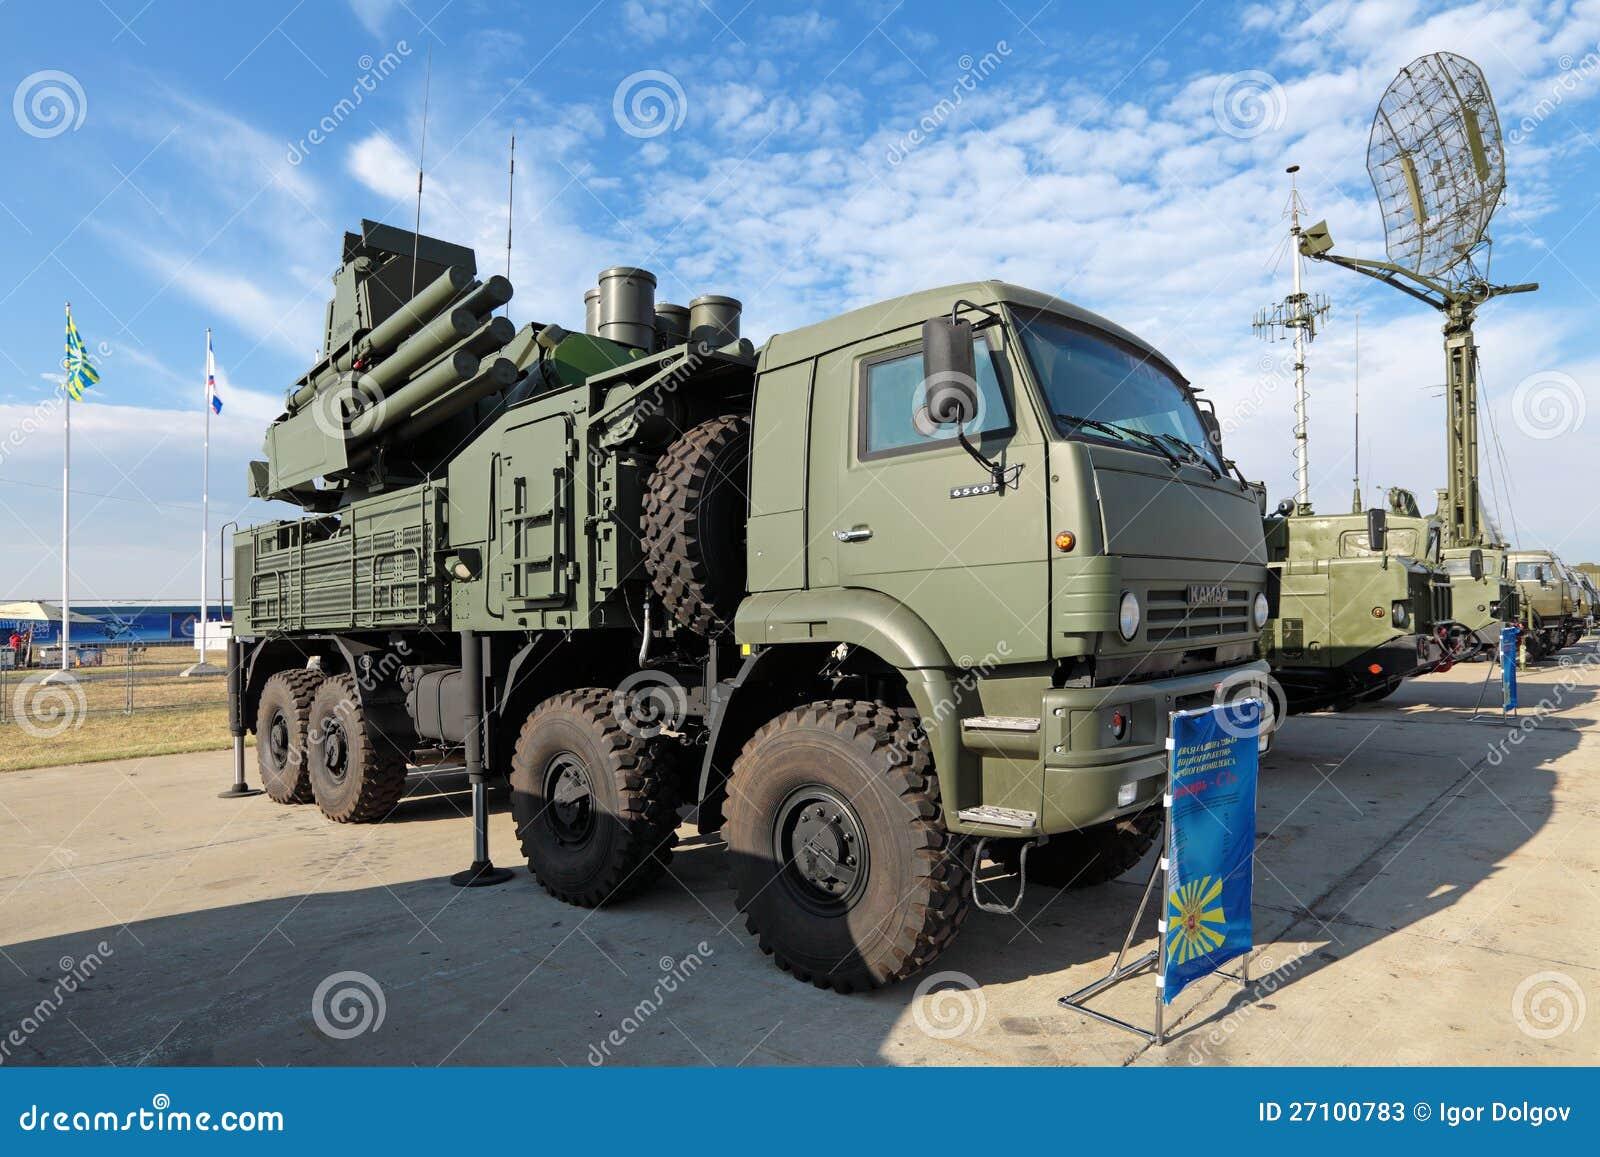 Pantsir-S1 (SA-22 Greyhound) - Think Defence